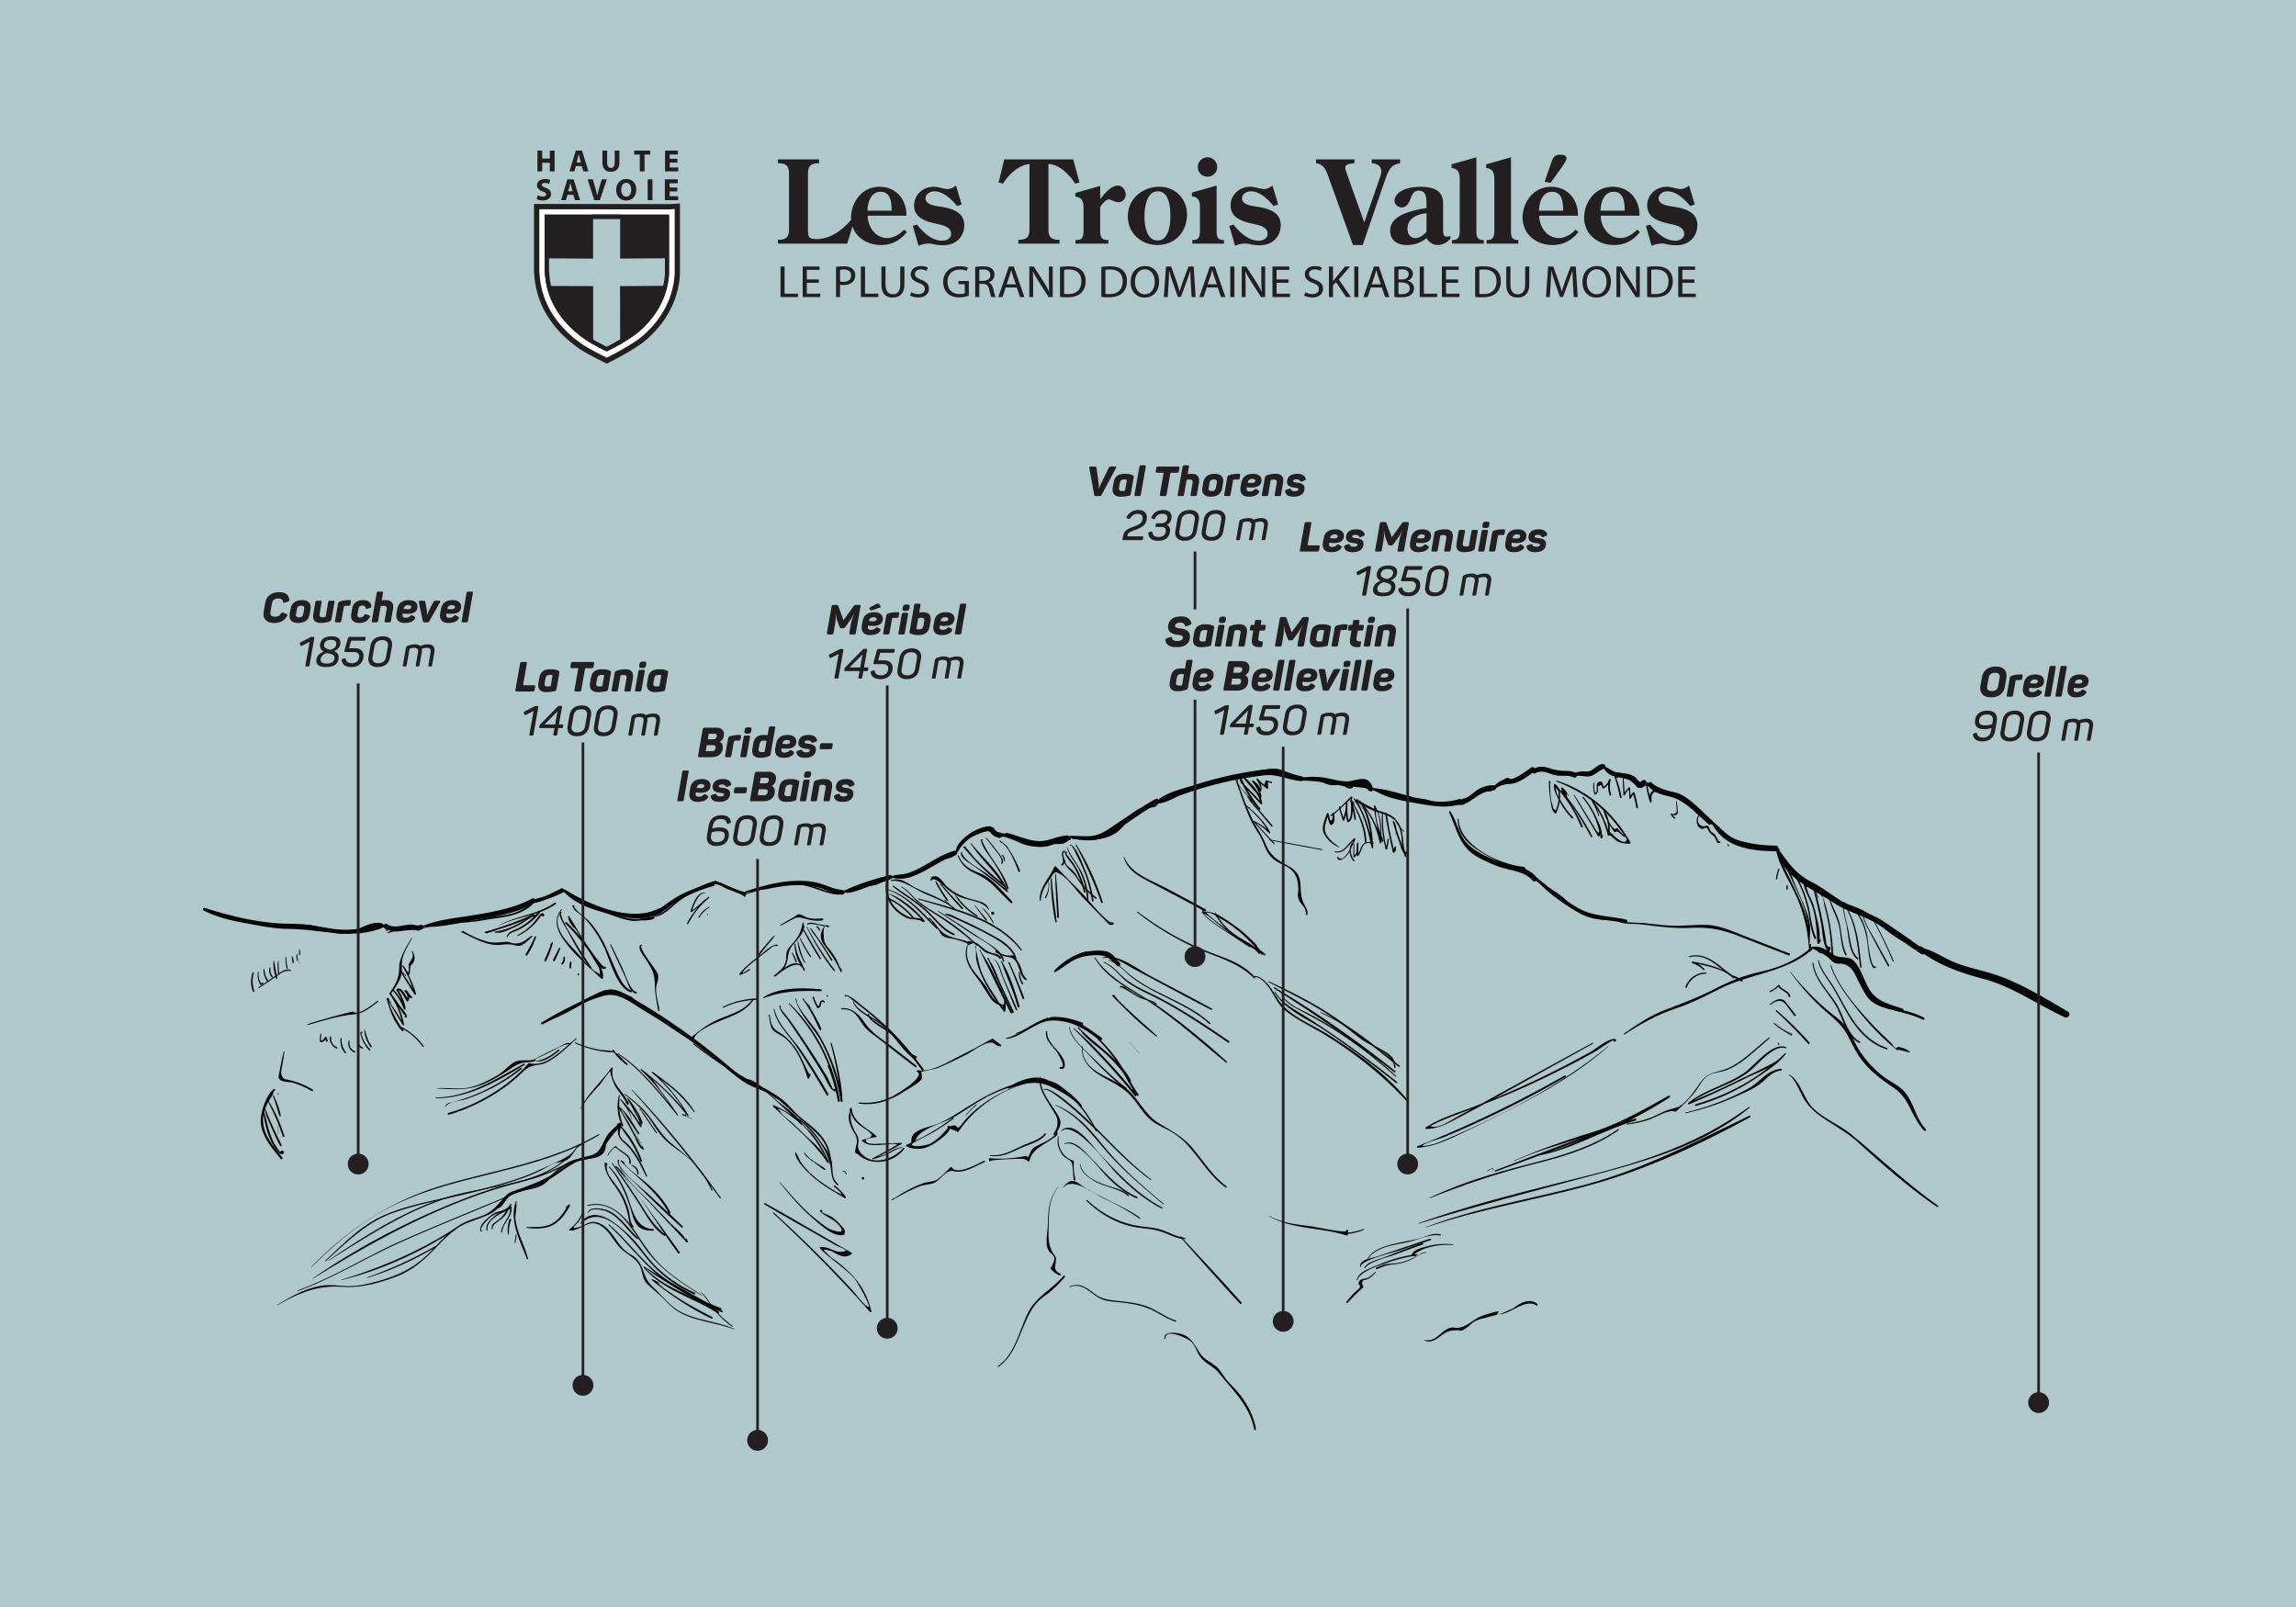 Chalet-Courchevel-Sweet-Escape-Map-Les-Trois-Vallees.jpg